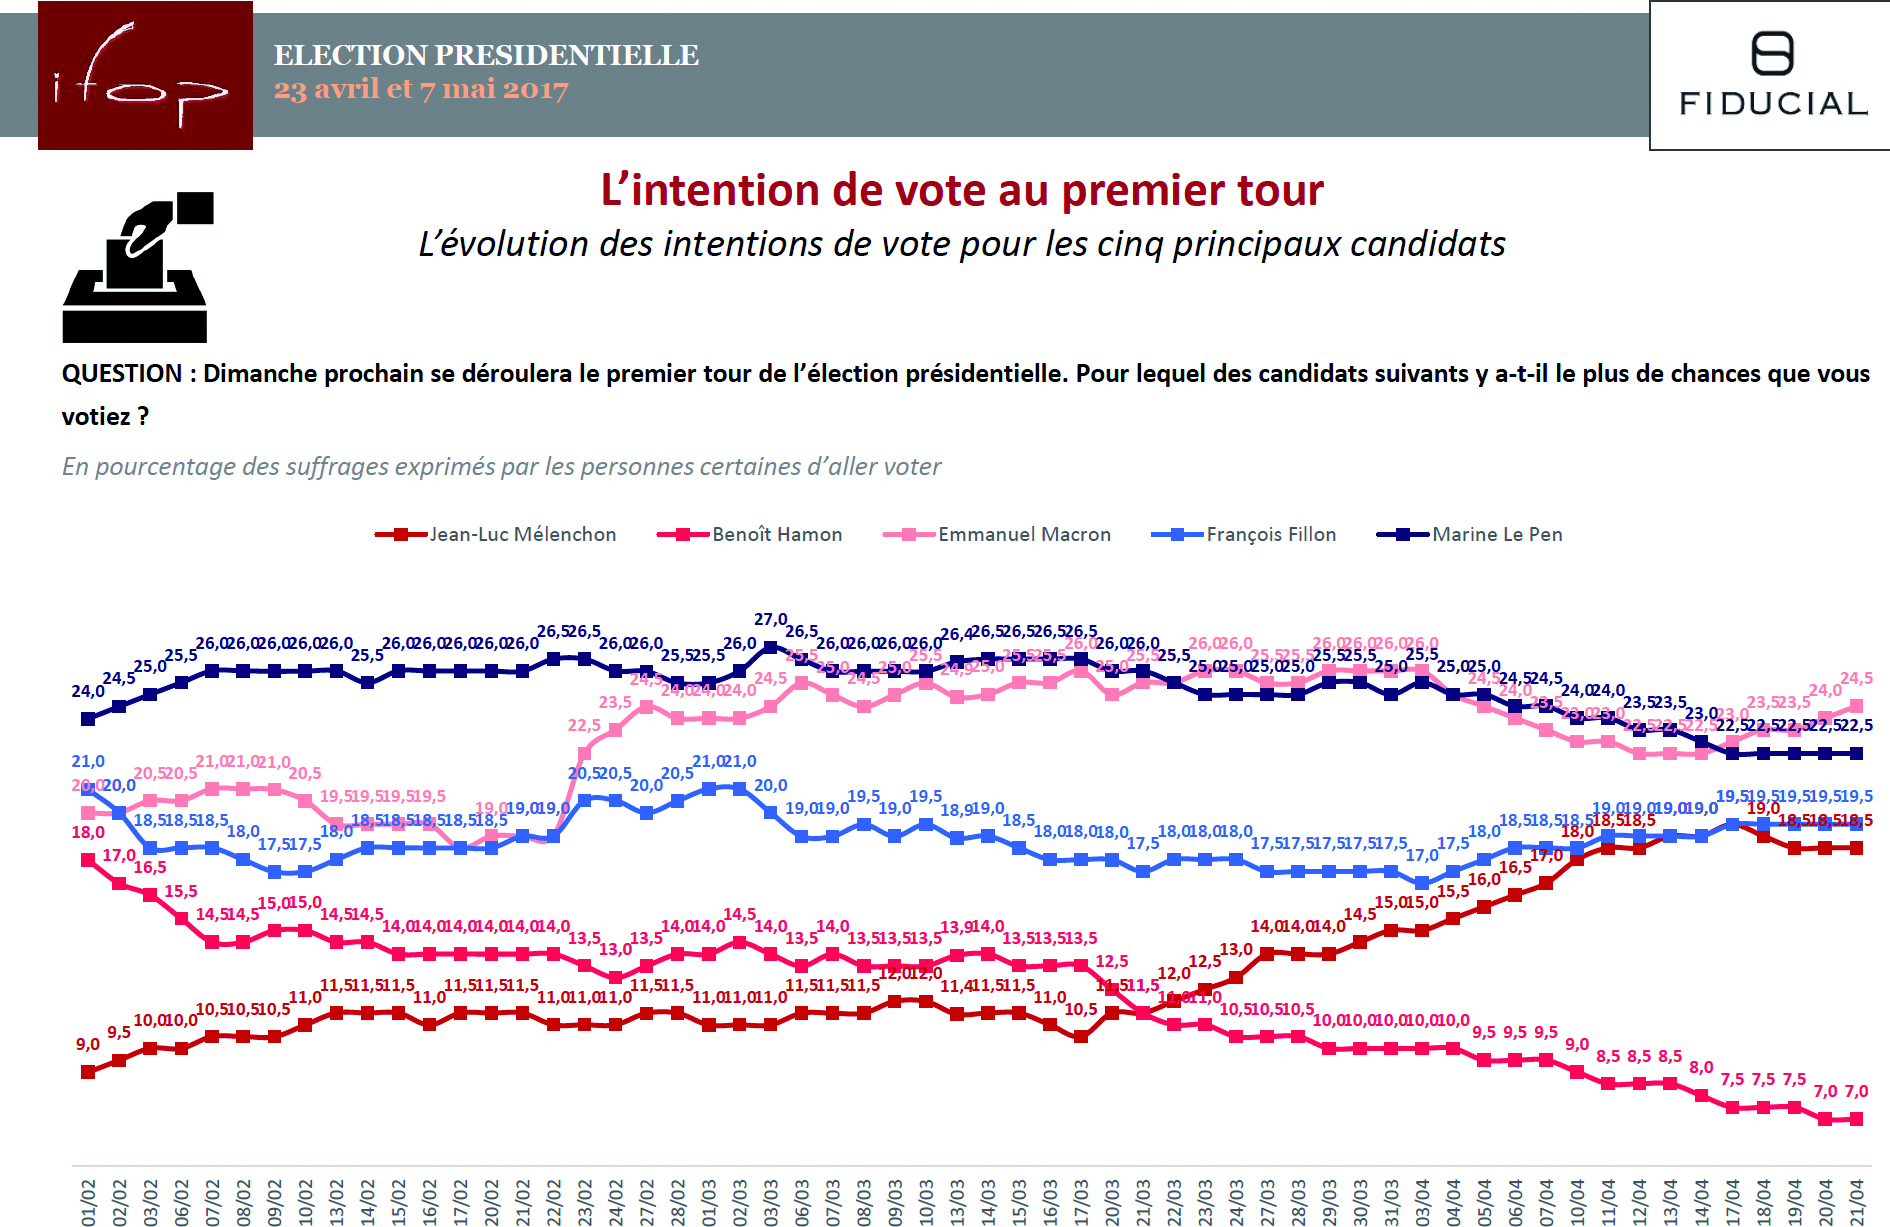 L'intention de vote au premier tour de la présidentielle 2017